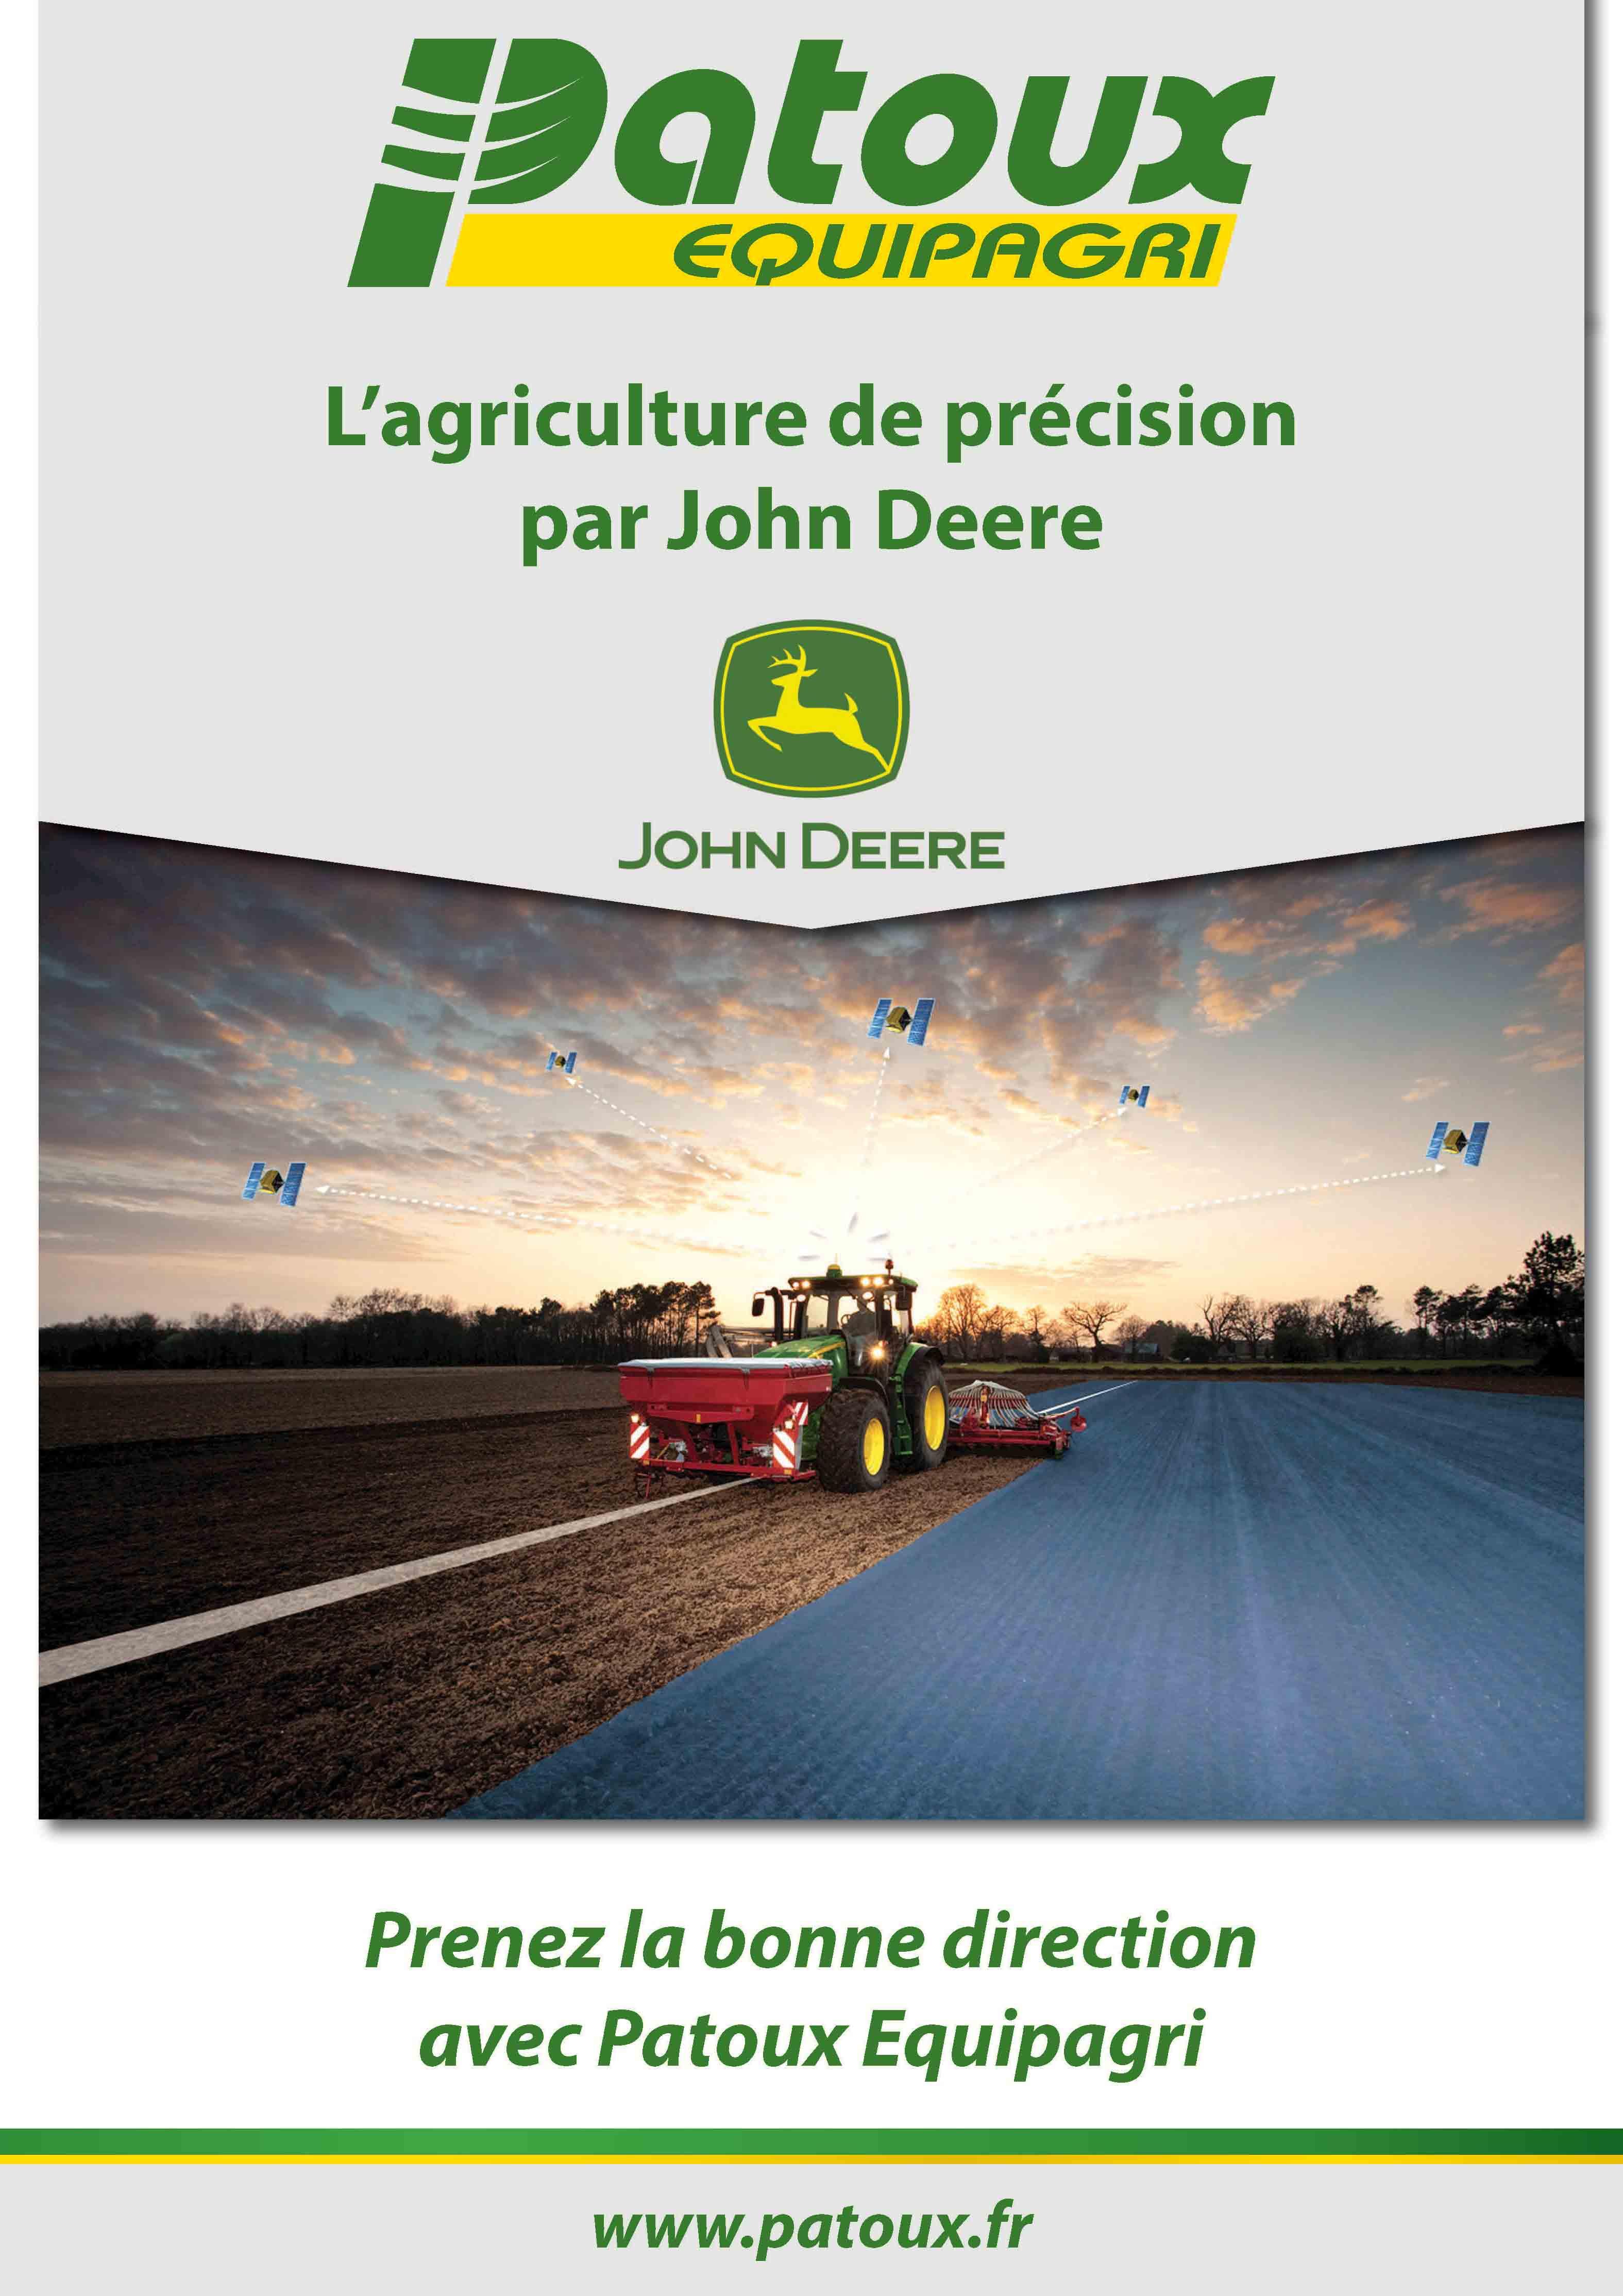 L'agriculture de precision par John Deere et Patoux Equipagri